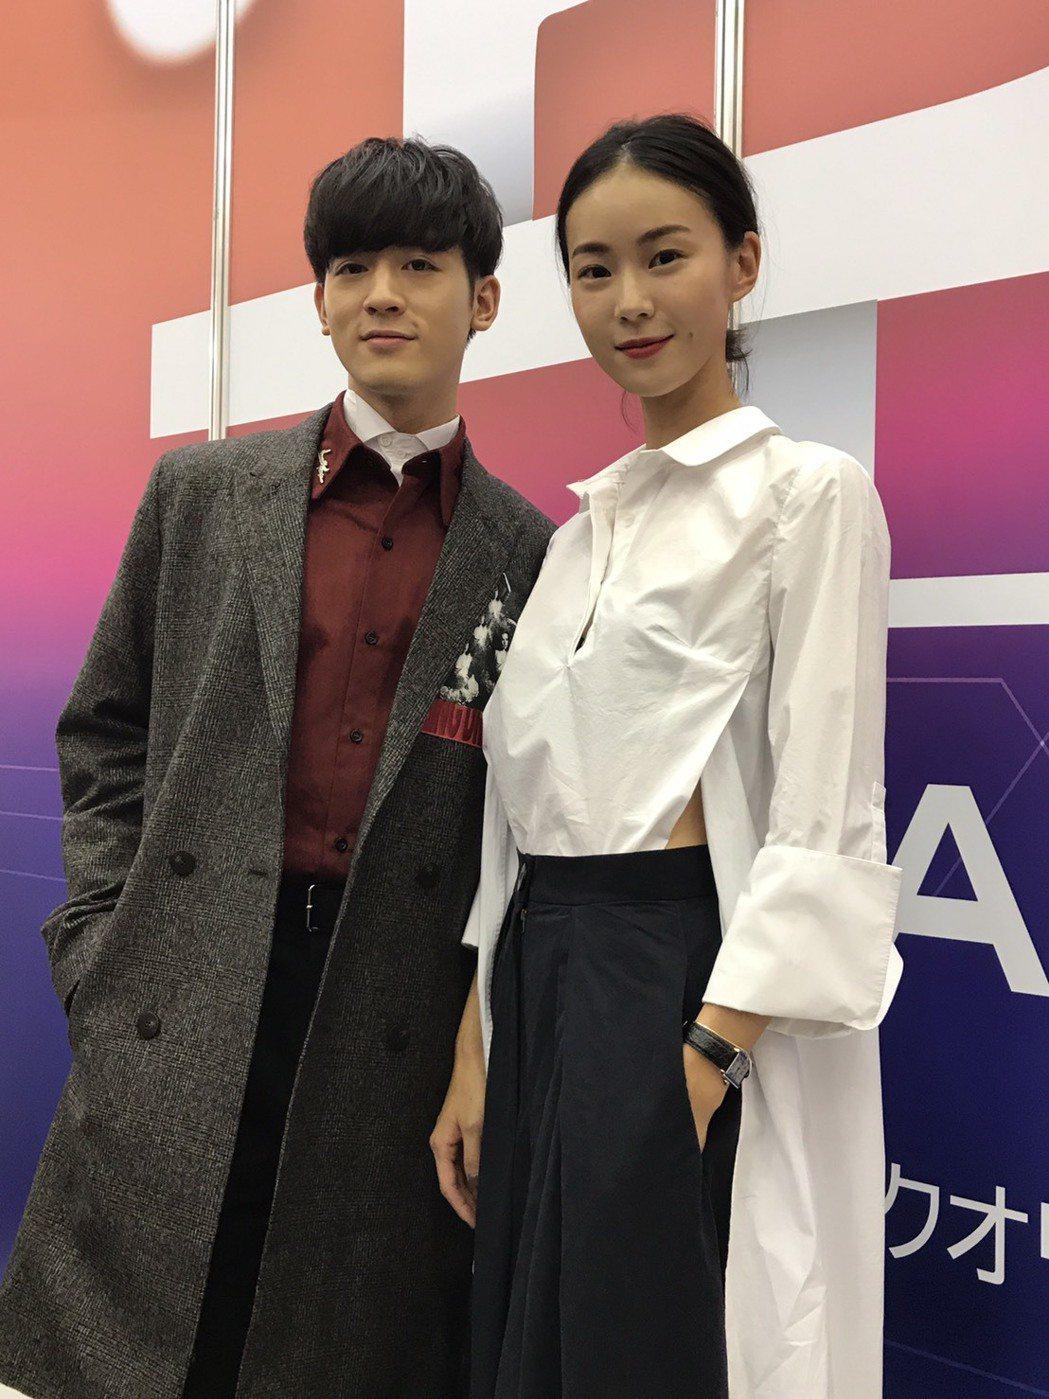 鍾瑤(右)和吳思賢出席東京電視節,為三立新戲「姊的時代」造勢。 記者楊起鳳/攝影